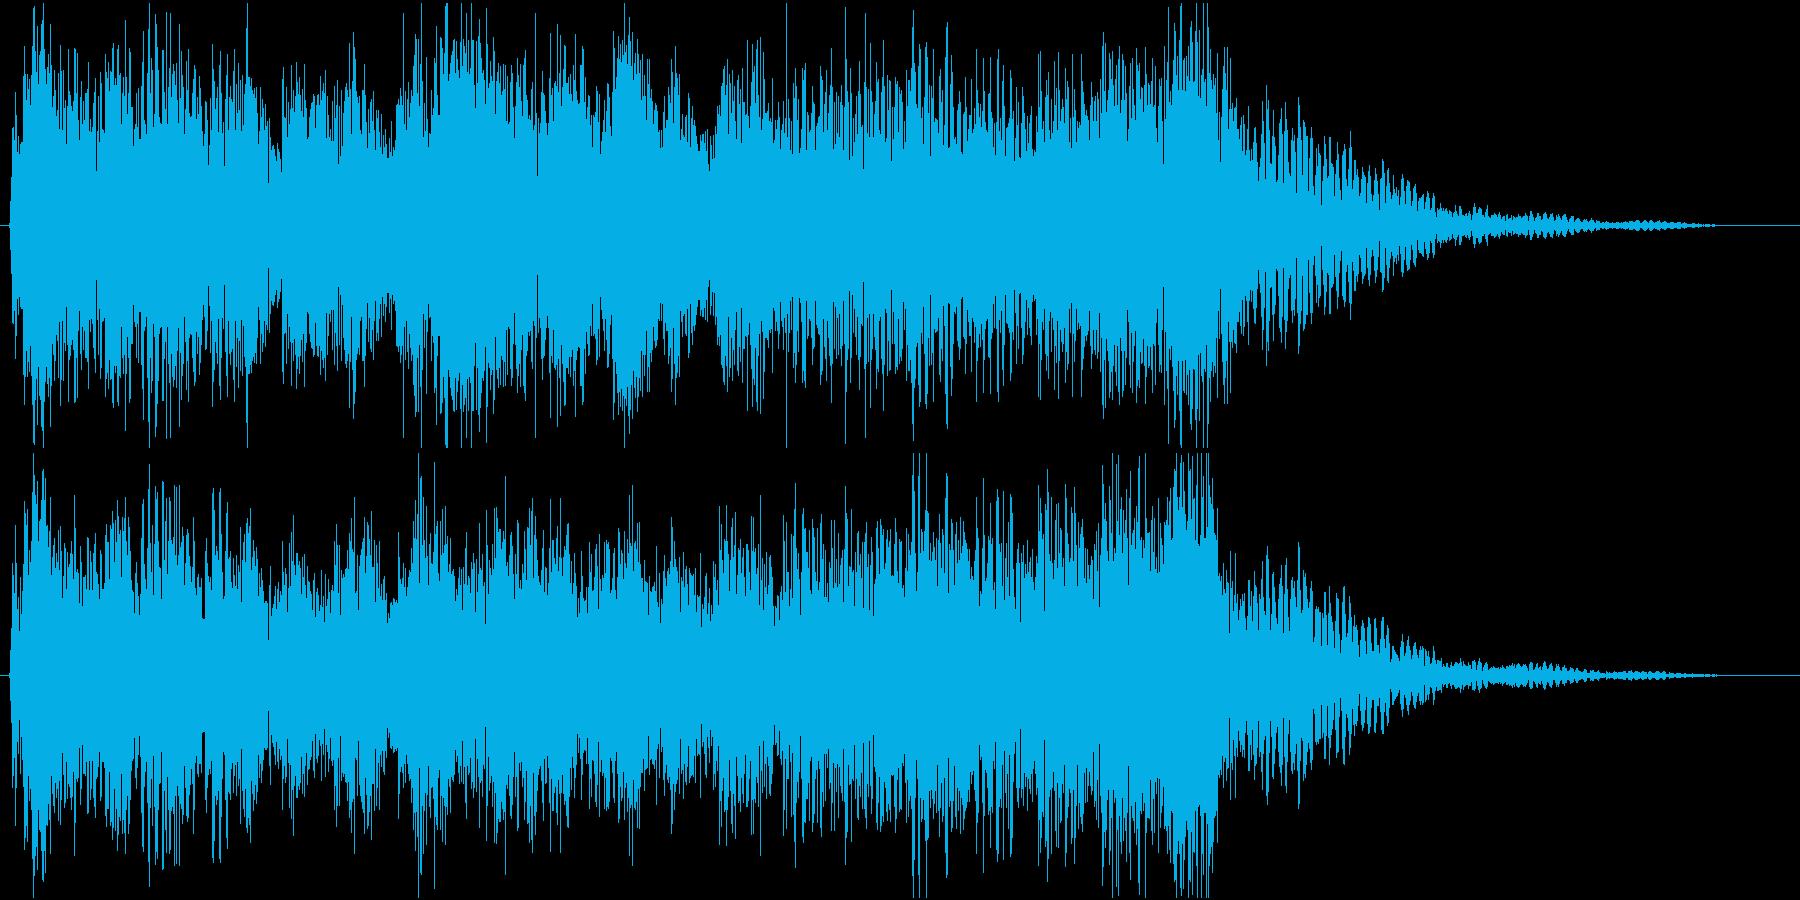 ジングル/成功/勝利/レベルアップの再生済みの波形